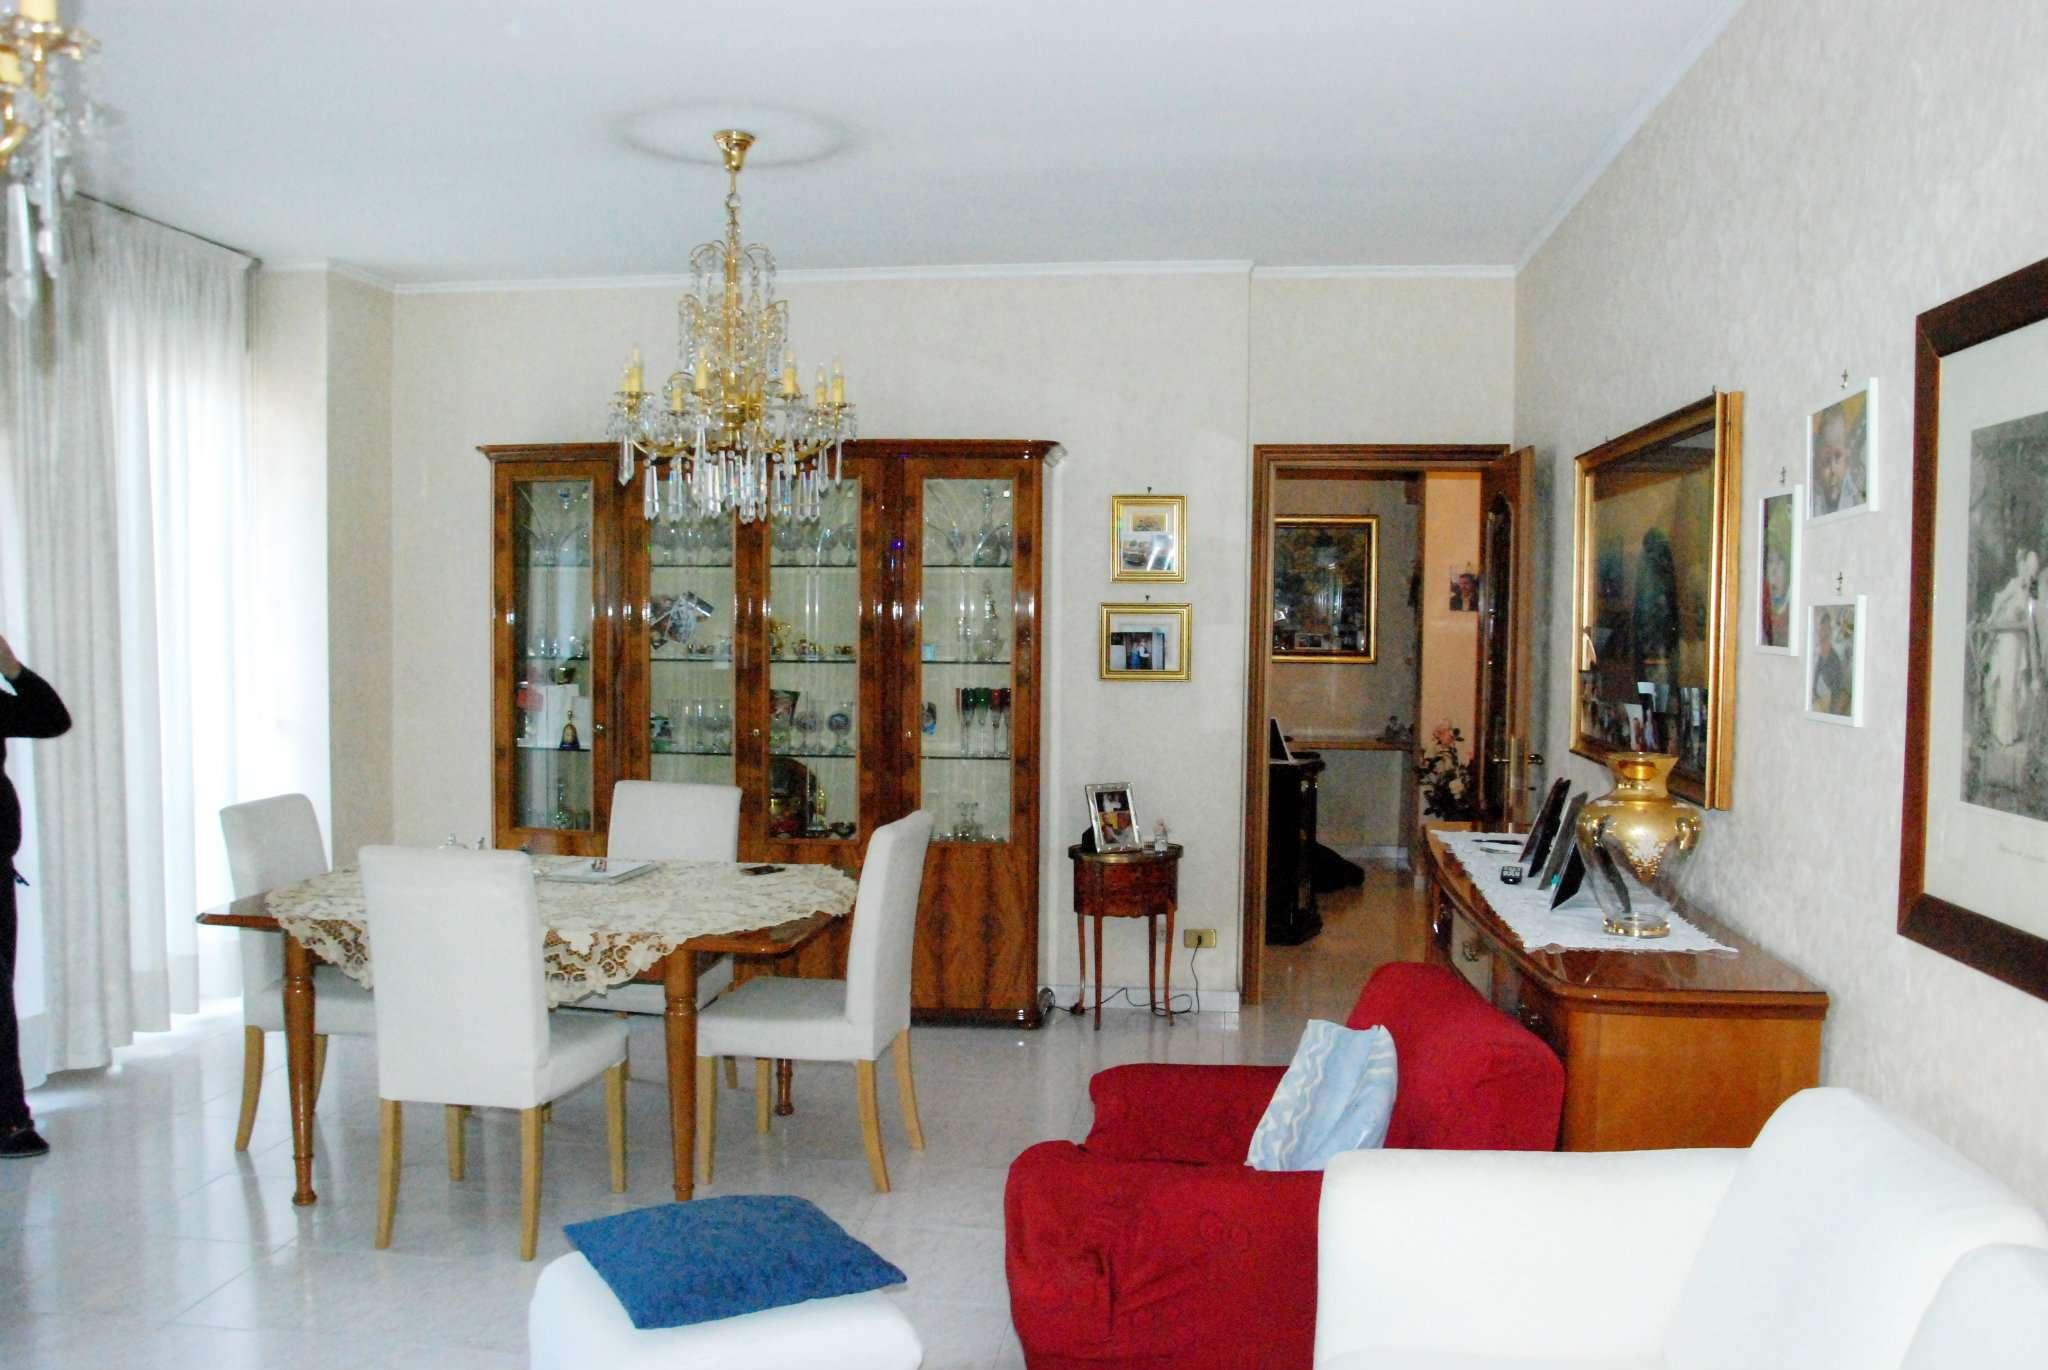 Appartamento in vendita a Cinisello Balsamo, 4 locali, prezzo € 195.000 | CambioCasa.it